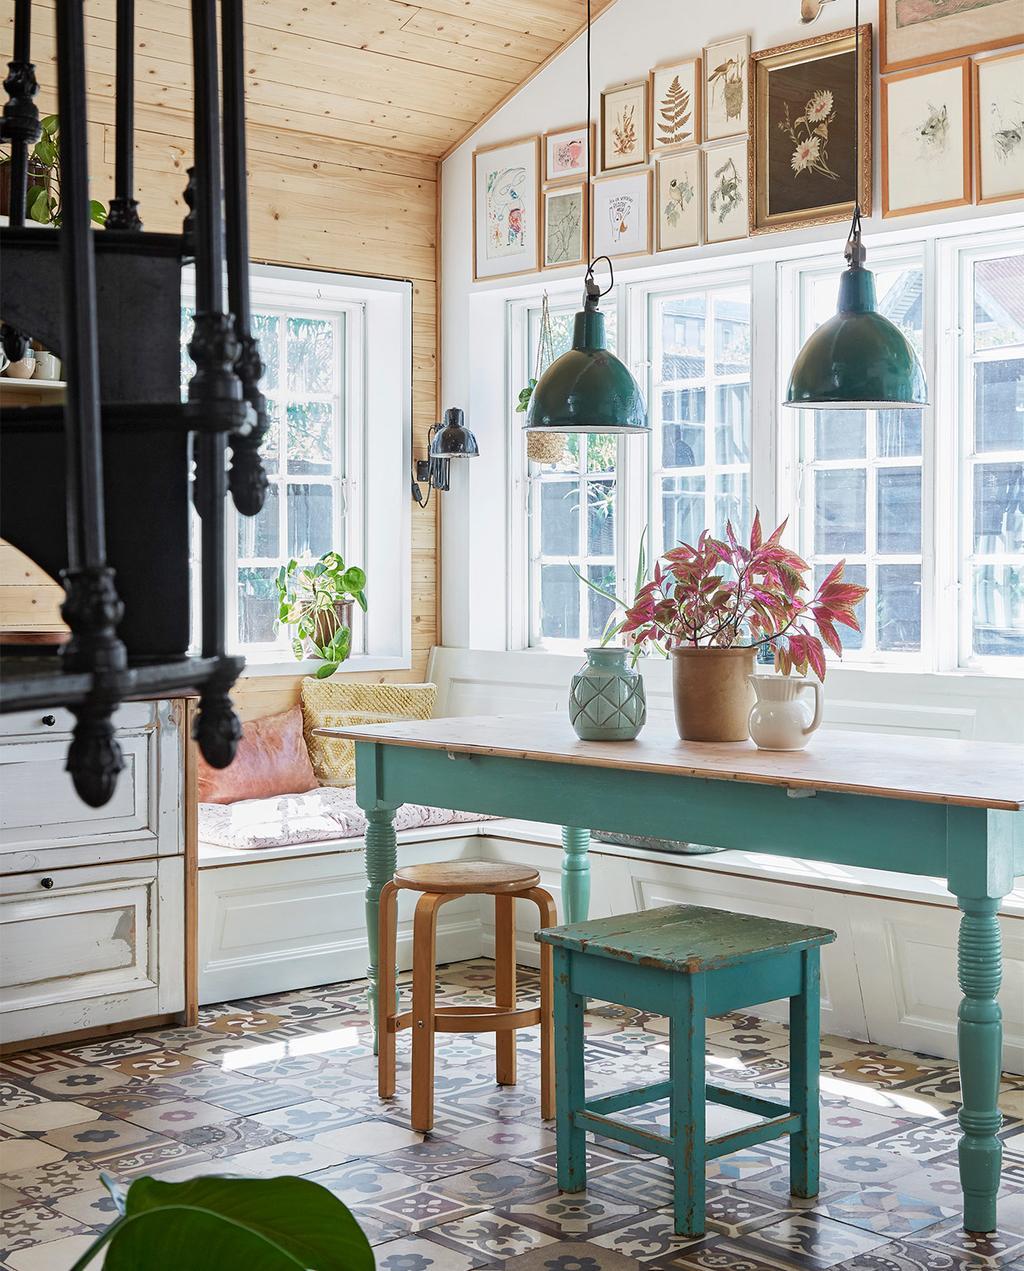 vtwonen special zomerhuizen 07-2021 | mediterrane vloertegels met een groene tafel en groene kruk